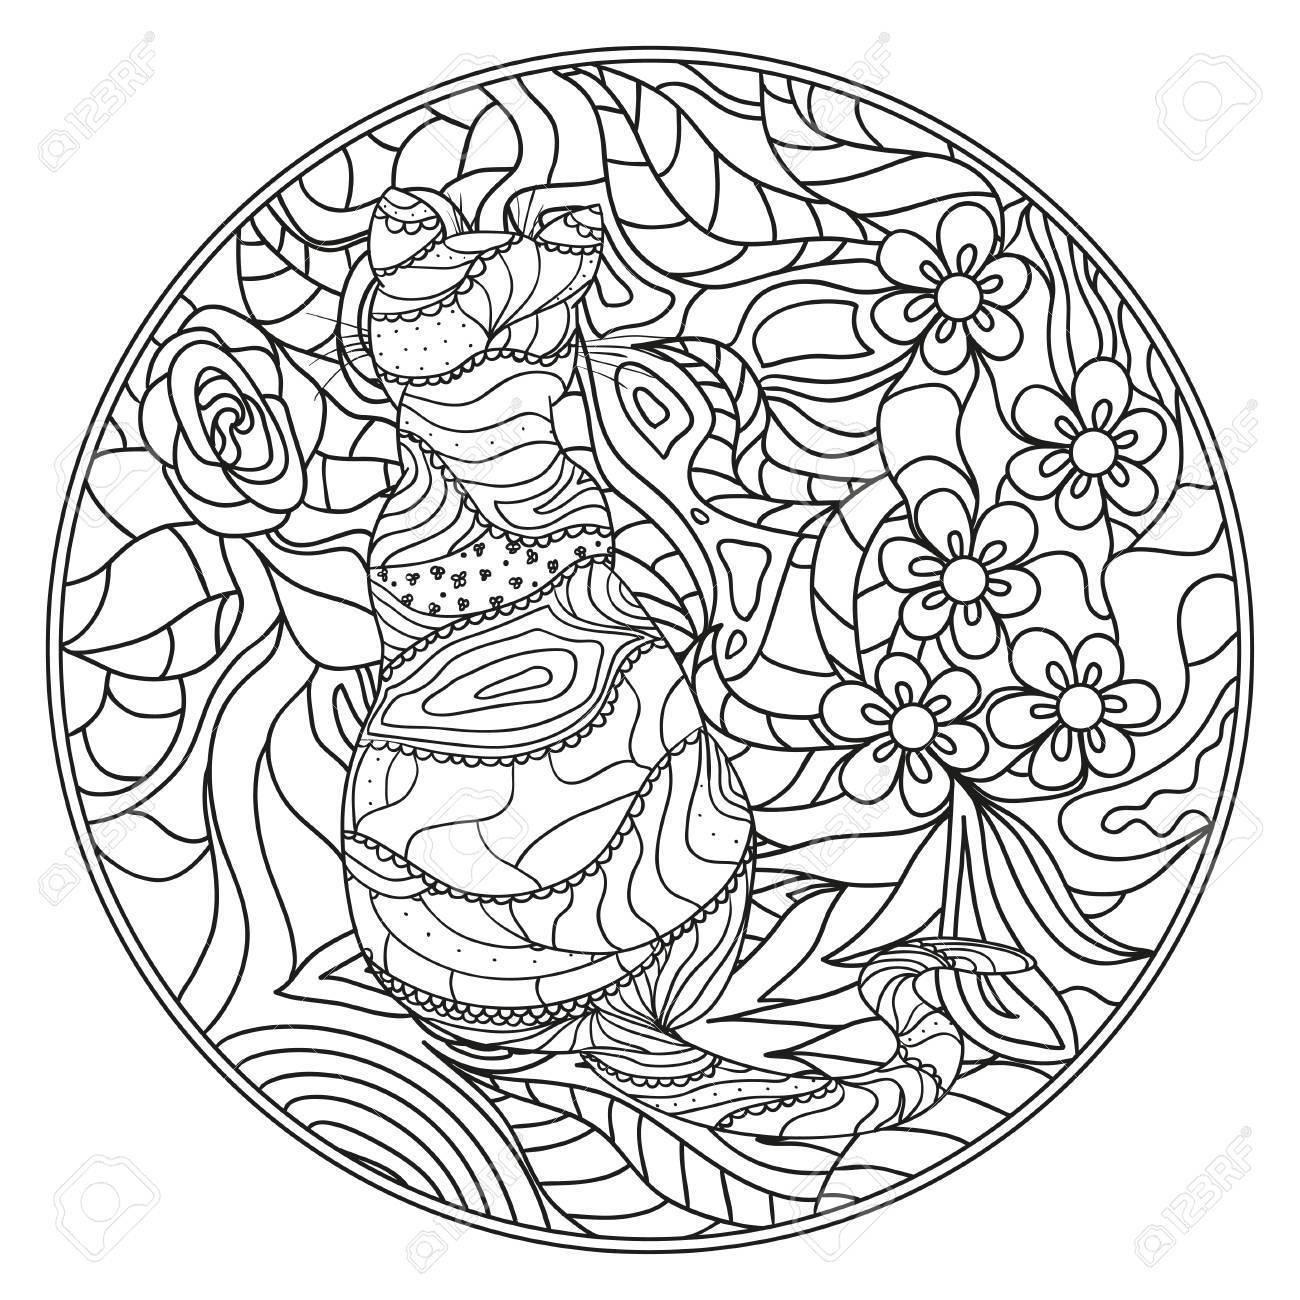 Katze. Zendala. Übergeben Sie Gezogene Mandala Mit Abstrakten ...